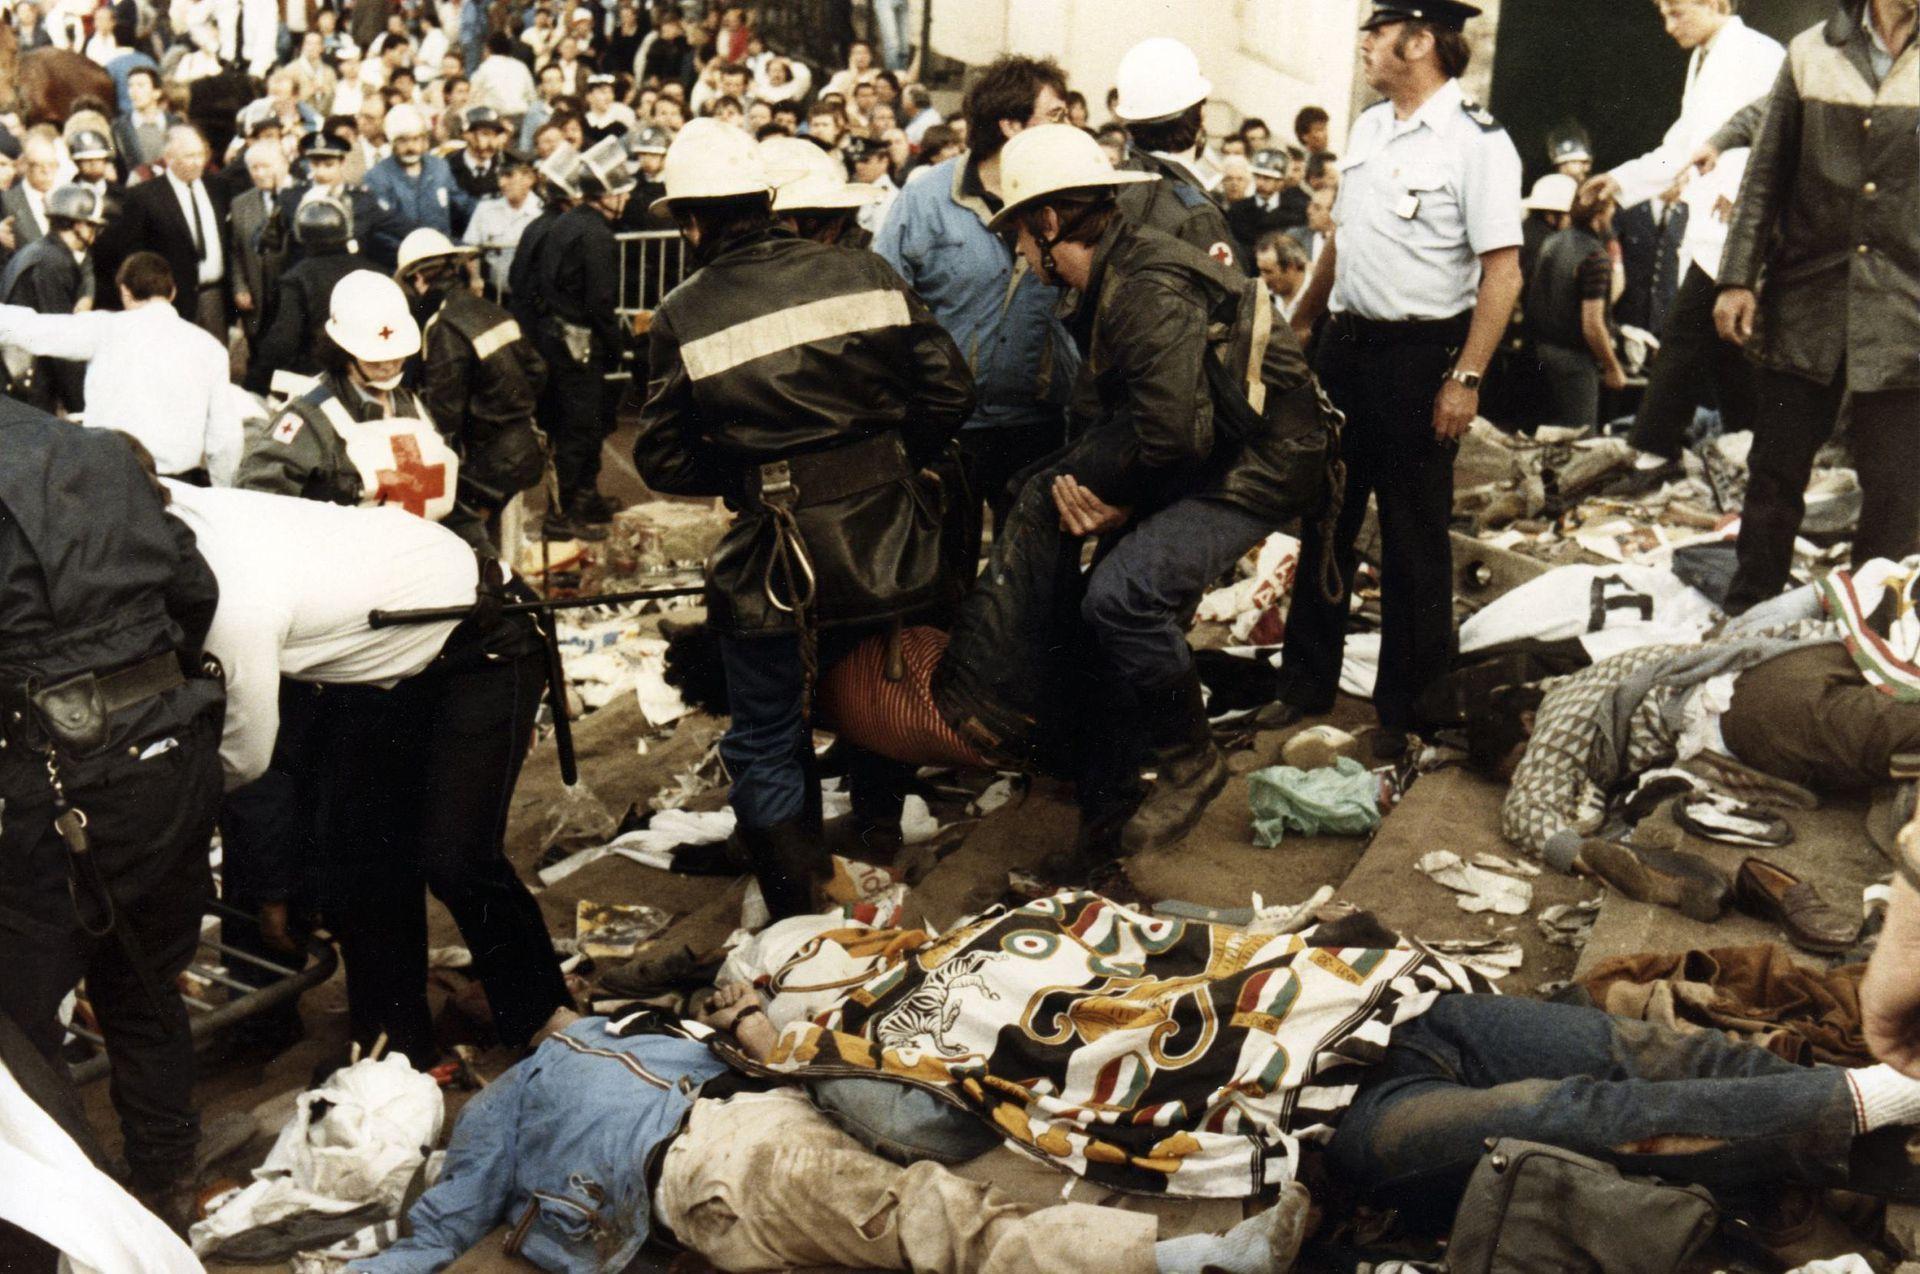 欧洲足联史上最黑暗一小时:海瑟尔惨案致几十人丧生